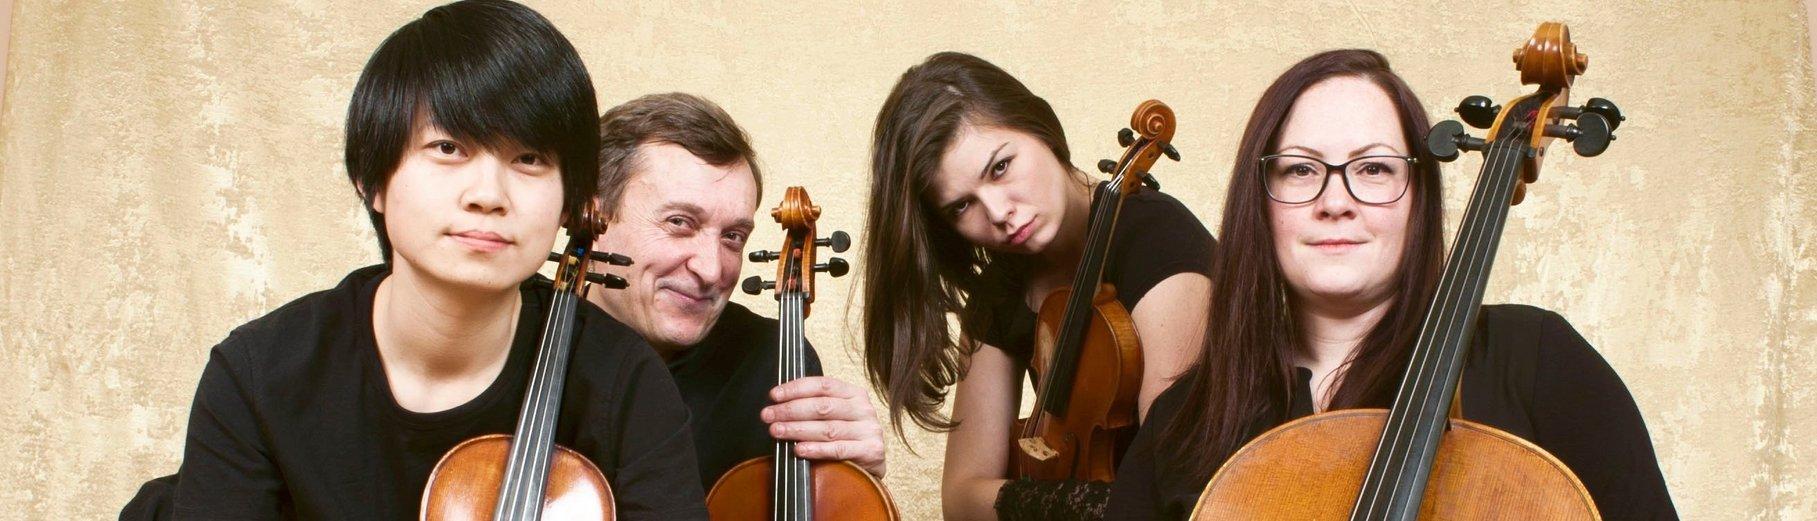 Streichquartett-Philharmonie-Salzburg (c)-Philharmonie Salzburg